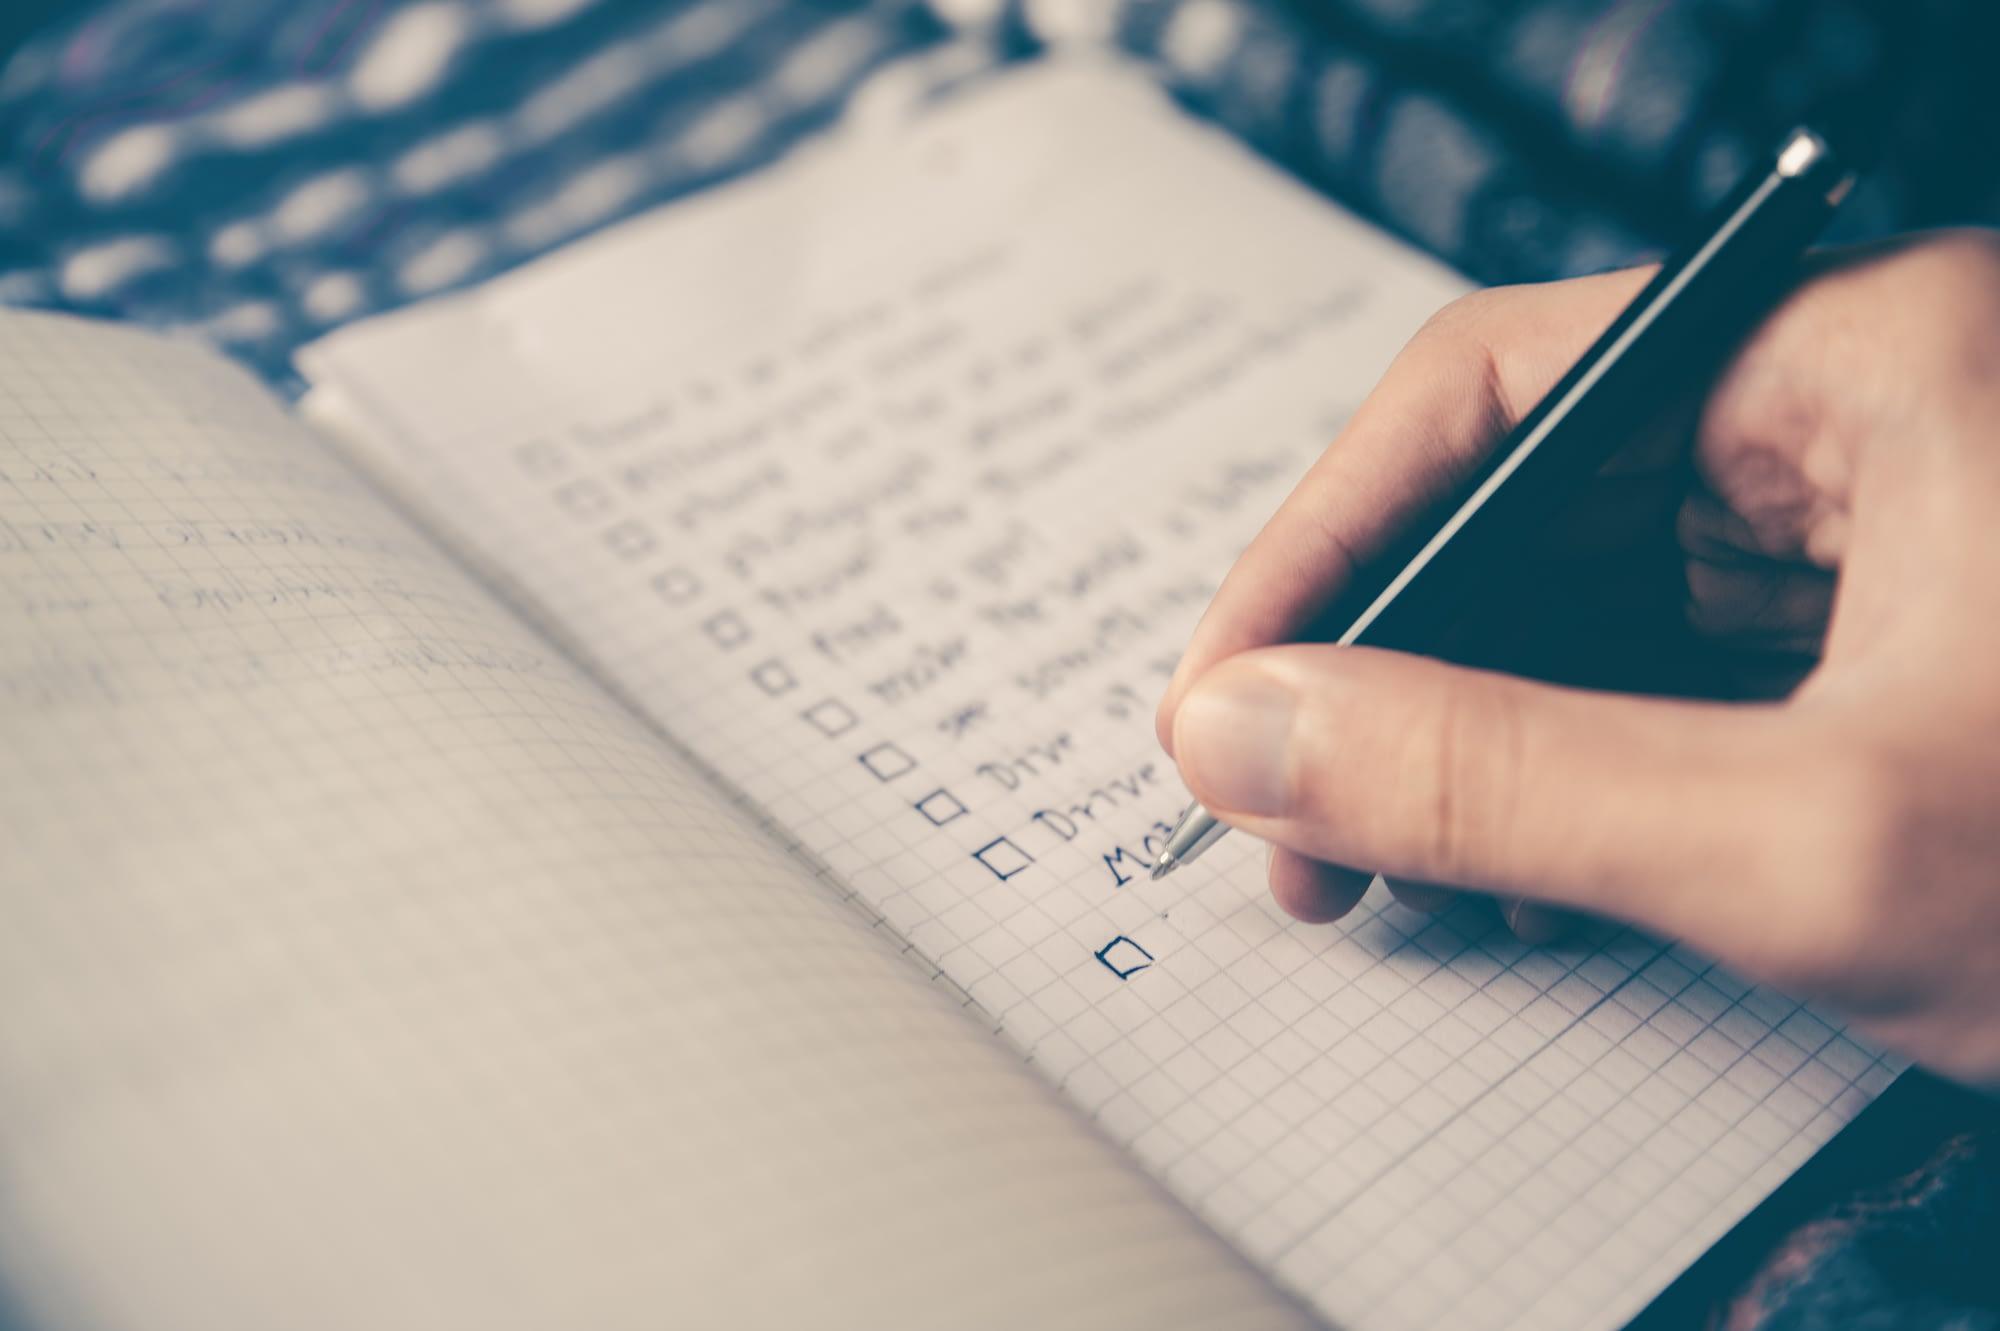 Ποια είναι η σωστή σειρά για τα tasks σου στο todo list